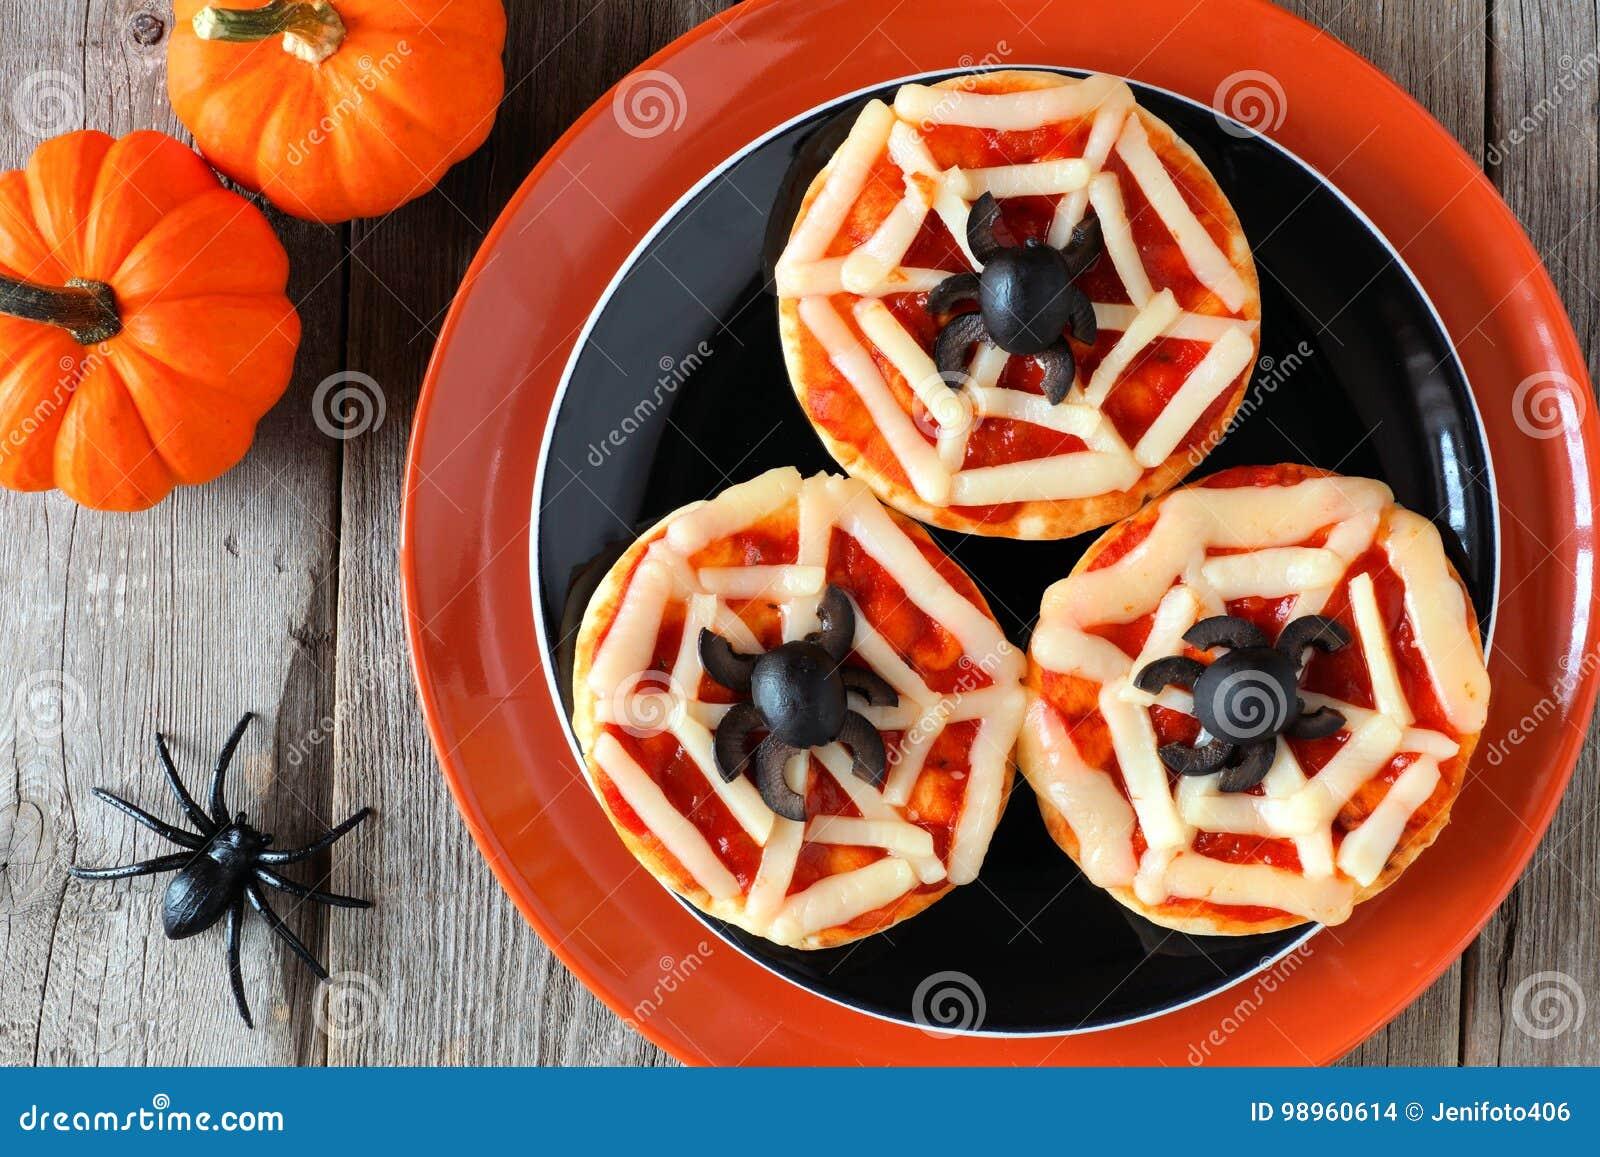 Pizzas del web de araña de Halloween mini en la placa negra y anaranjada